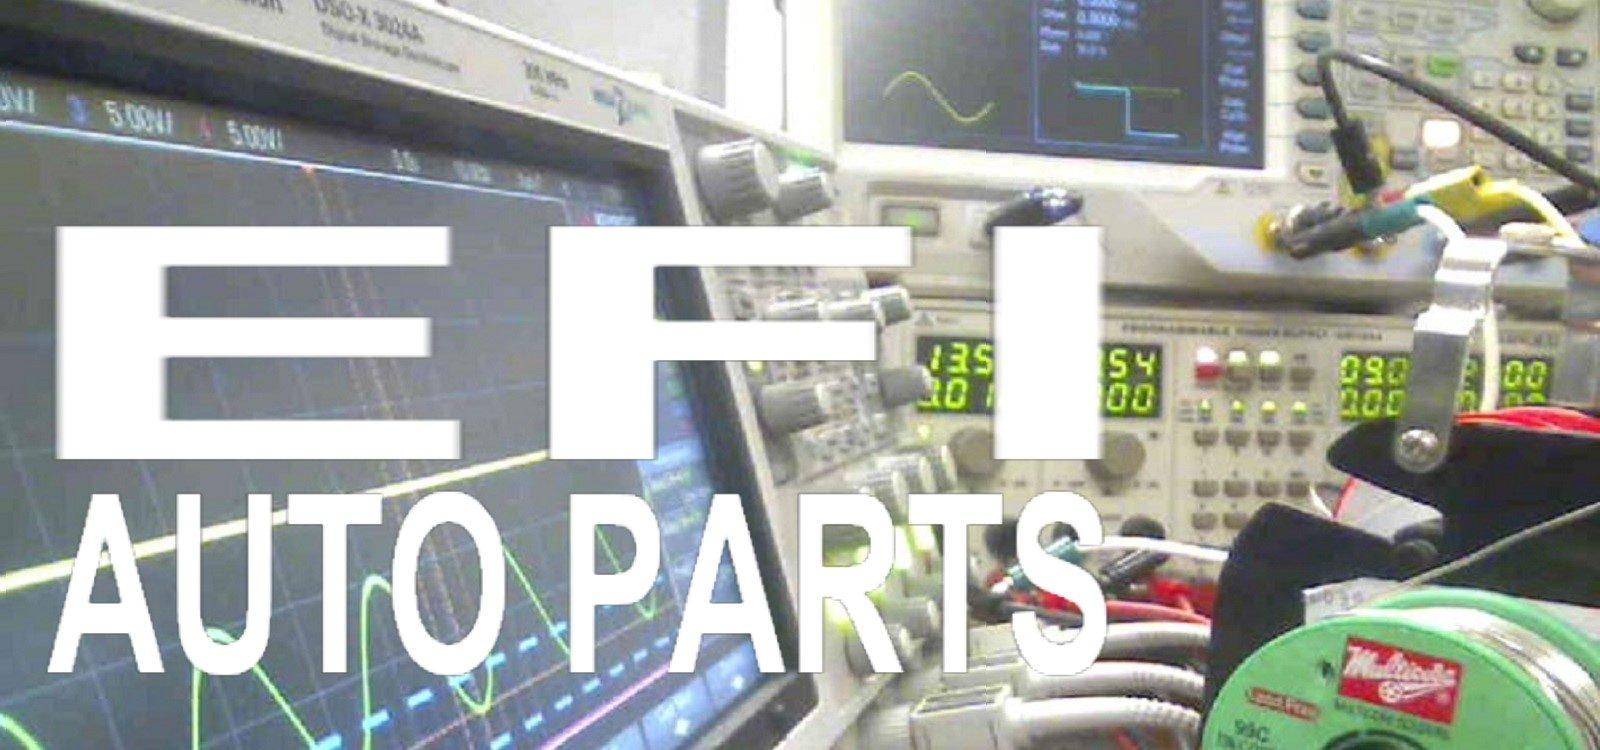 ECU Repair Service 08 9361 3332